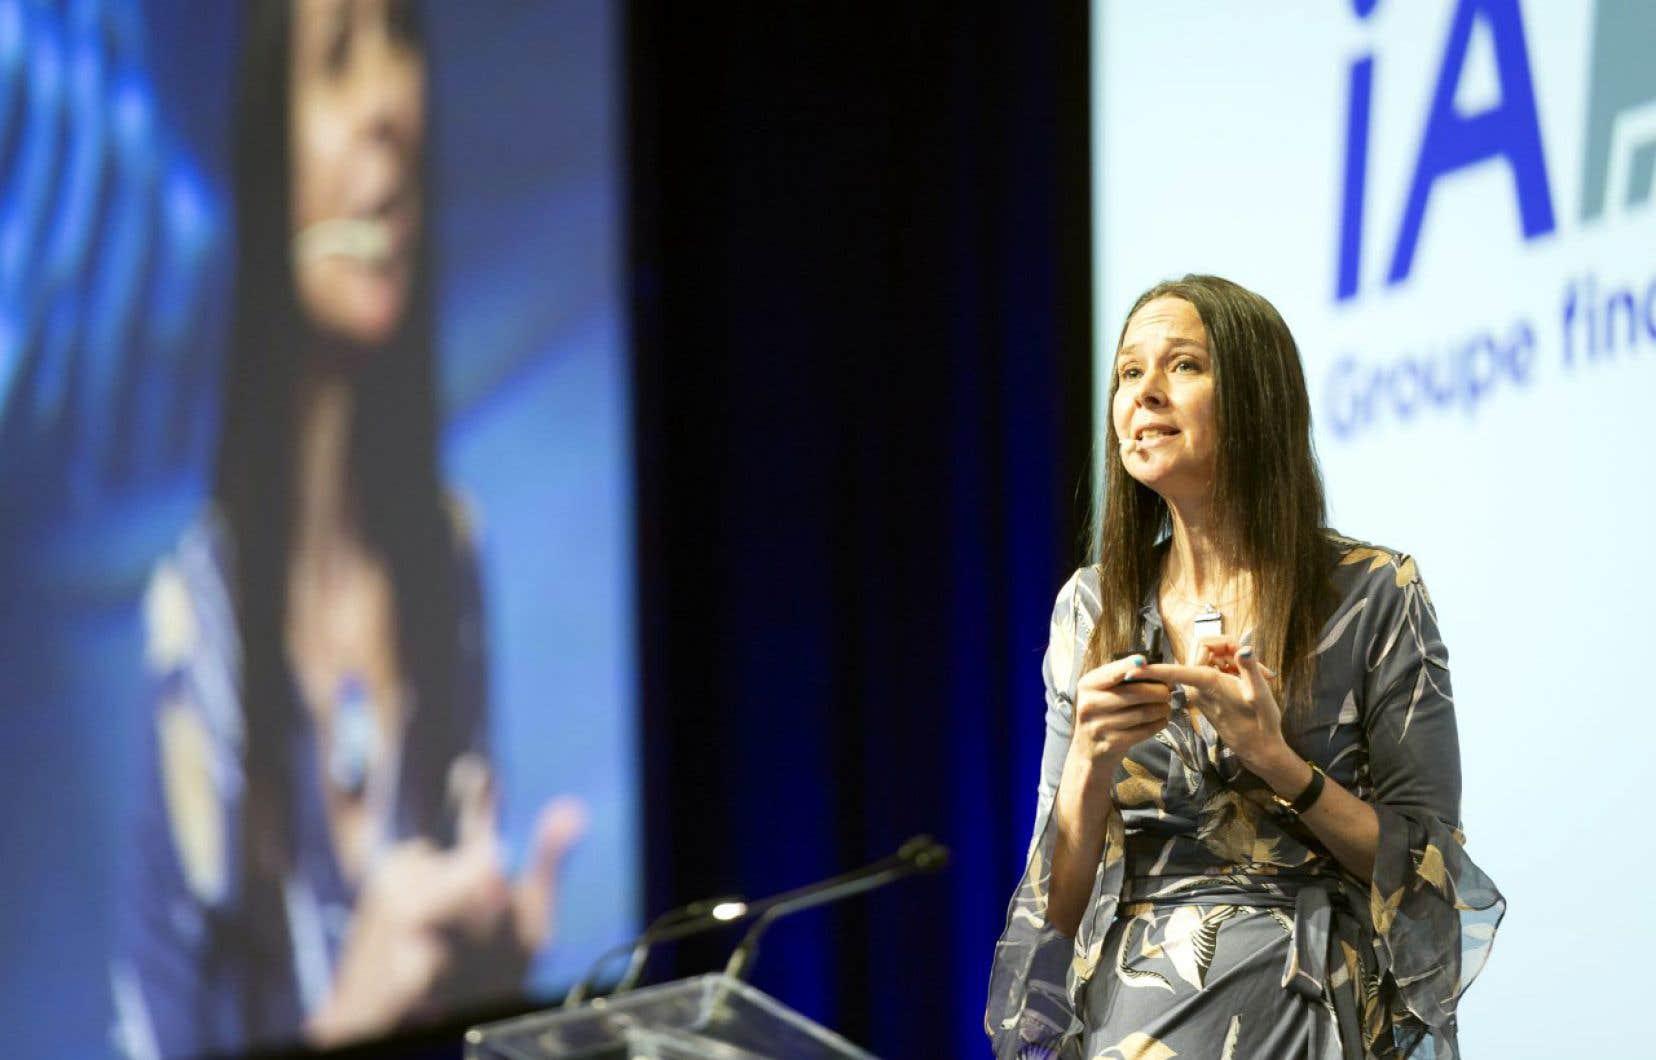 La banque américaine Morgan Stanley a confié, en 2017, la direction de son nouveau centre de surveillance à l'experte en contre-terrorisme Jen Easterly. Celle-ci a participé cette semaine à une présentation au Forum FinTech organisé par Finance Montréal.